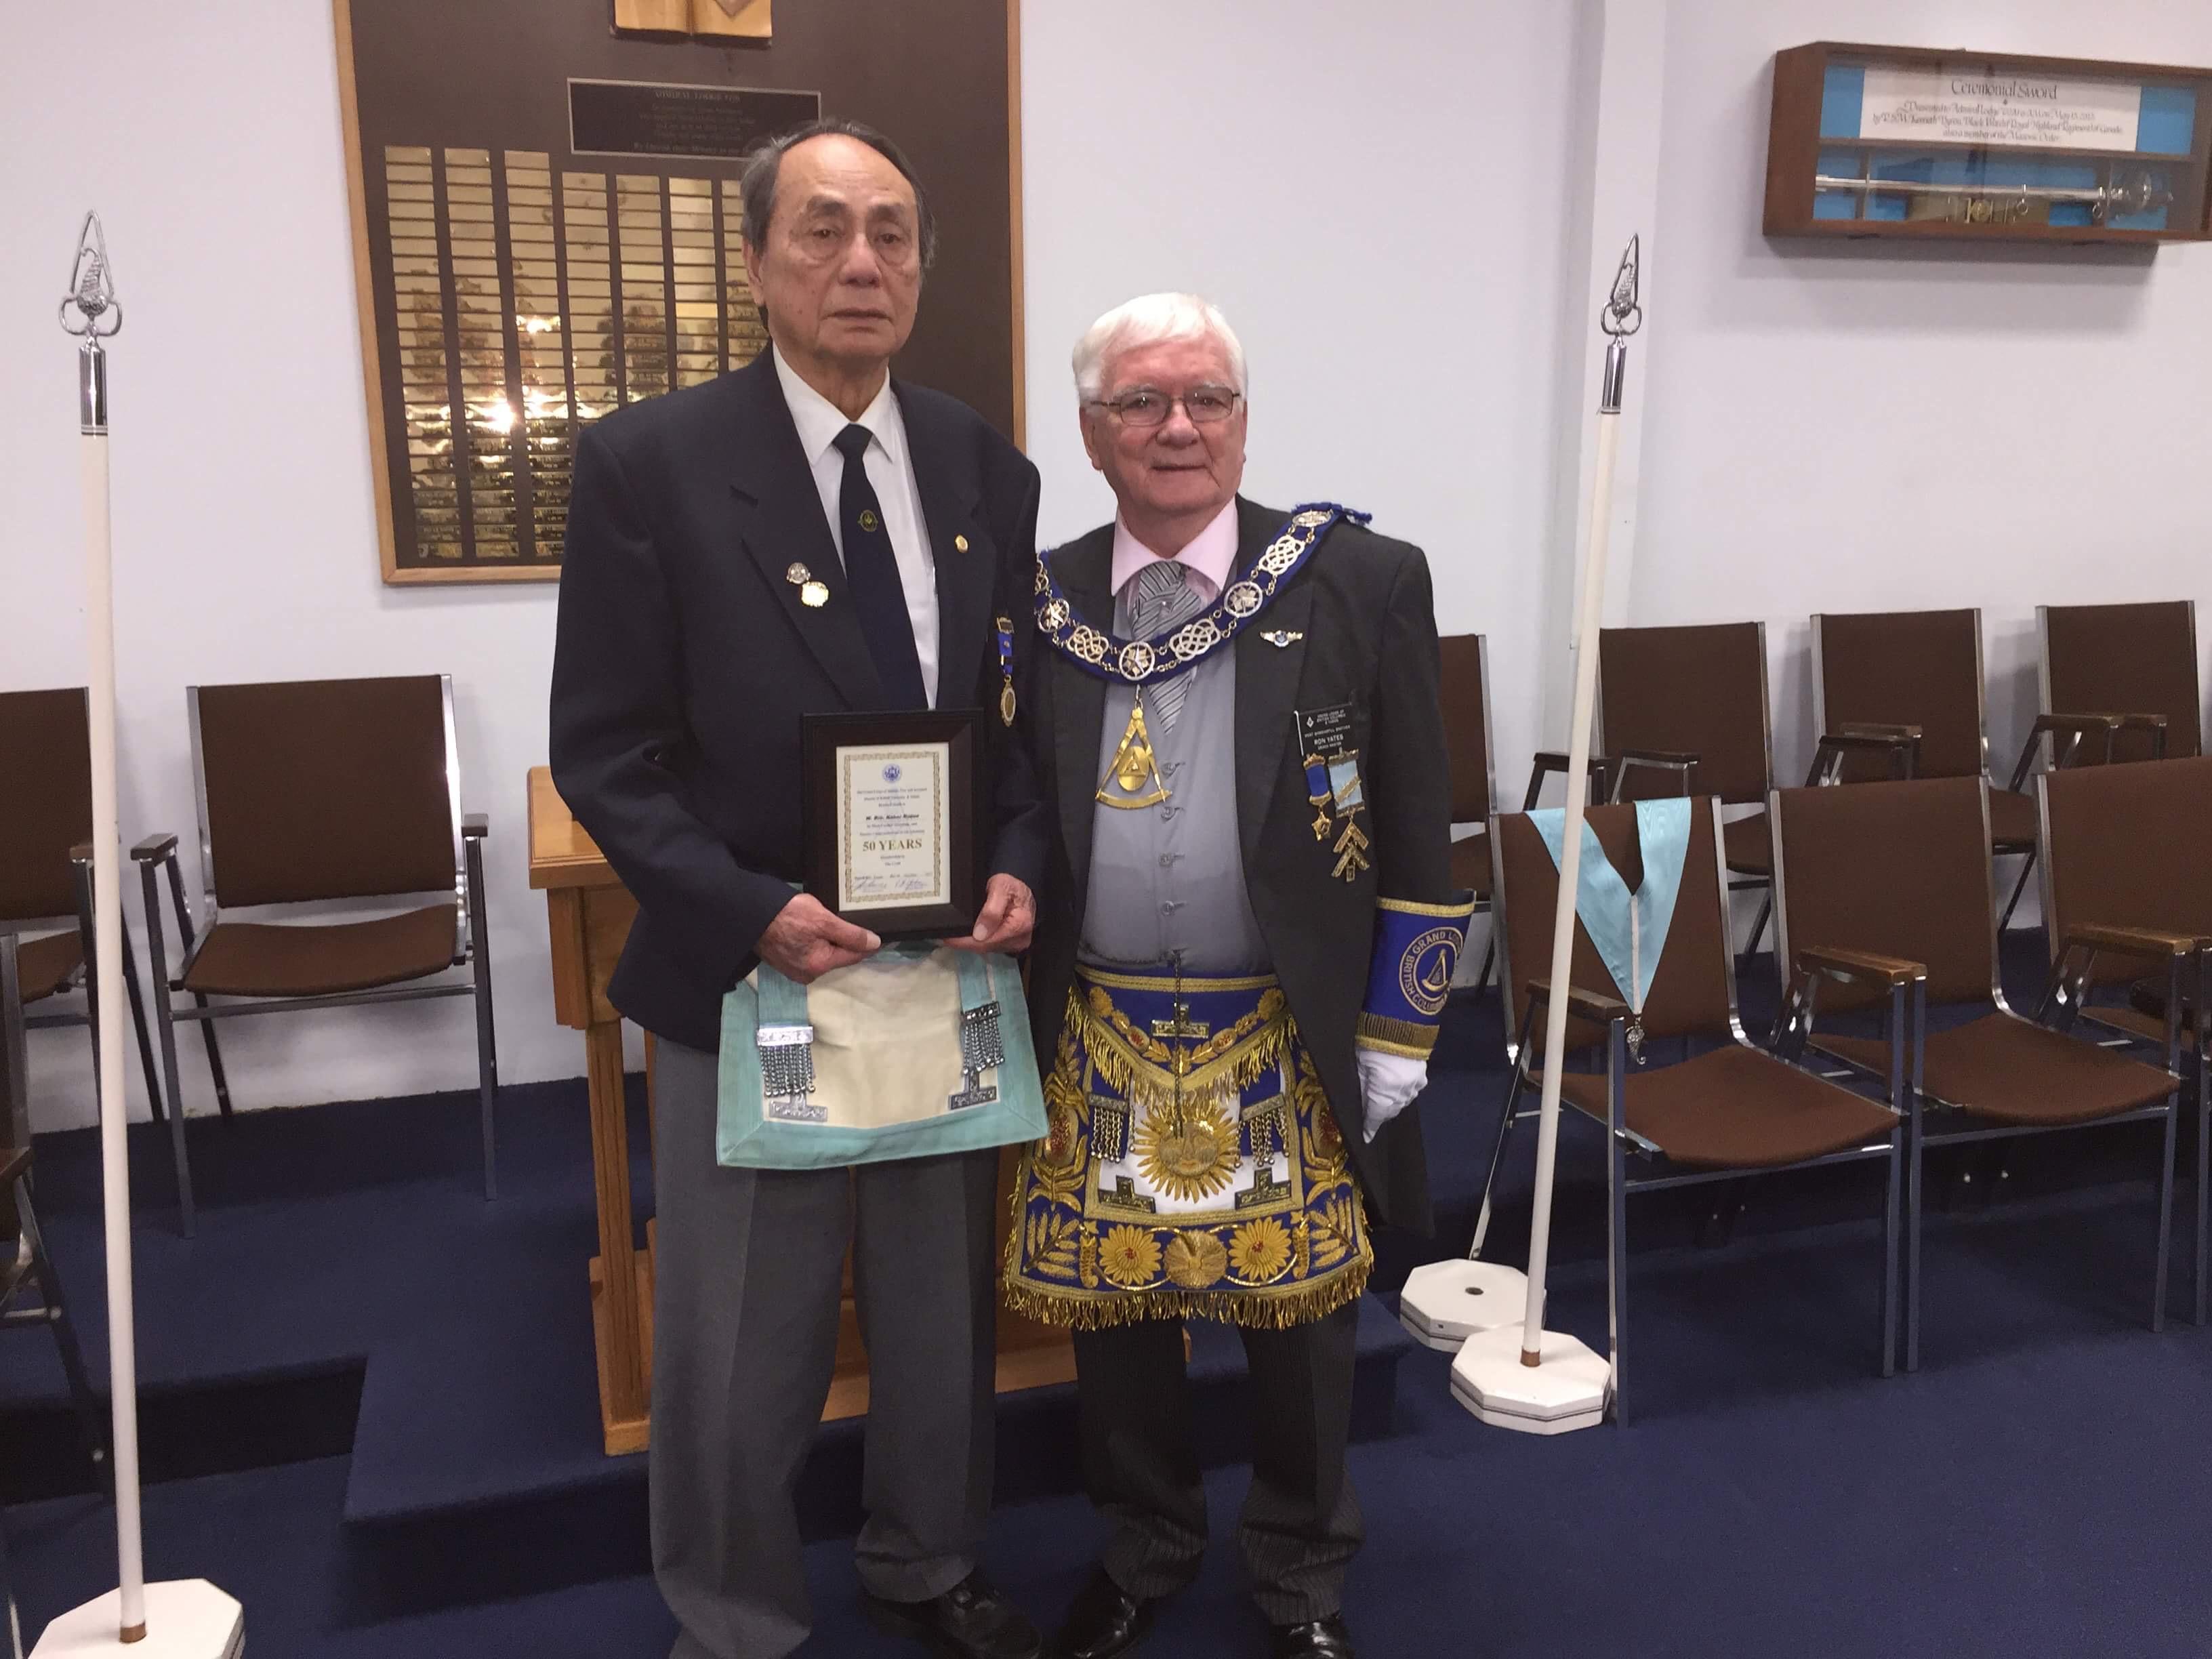 50 Year Service Award - 2018